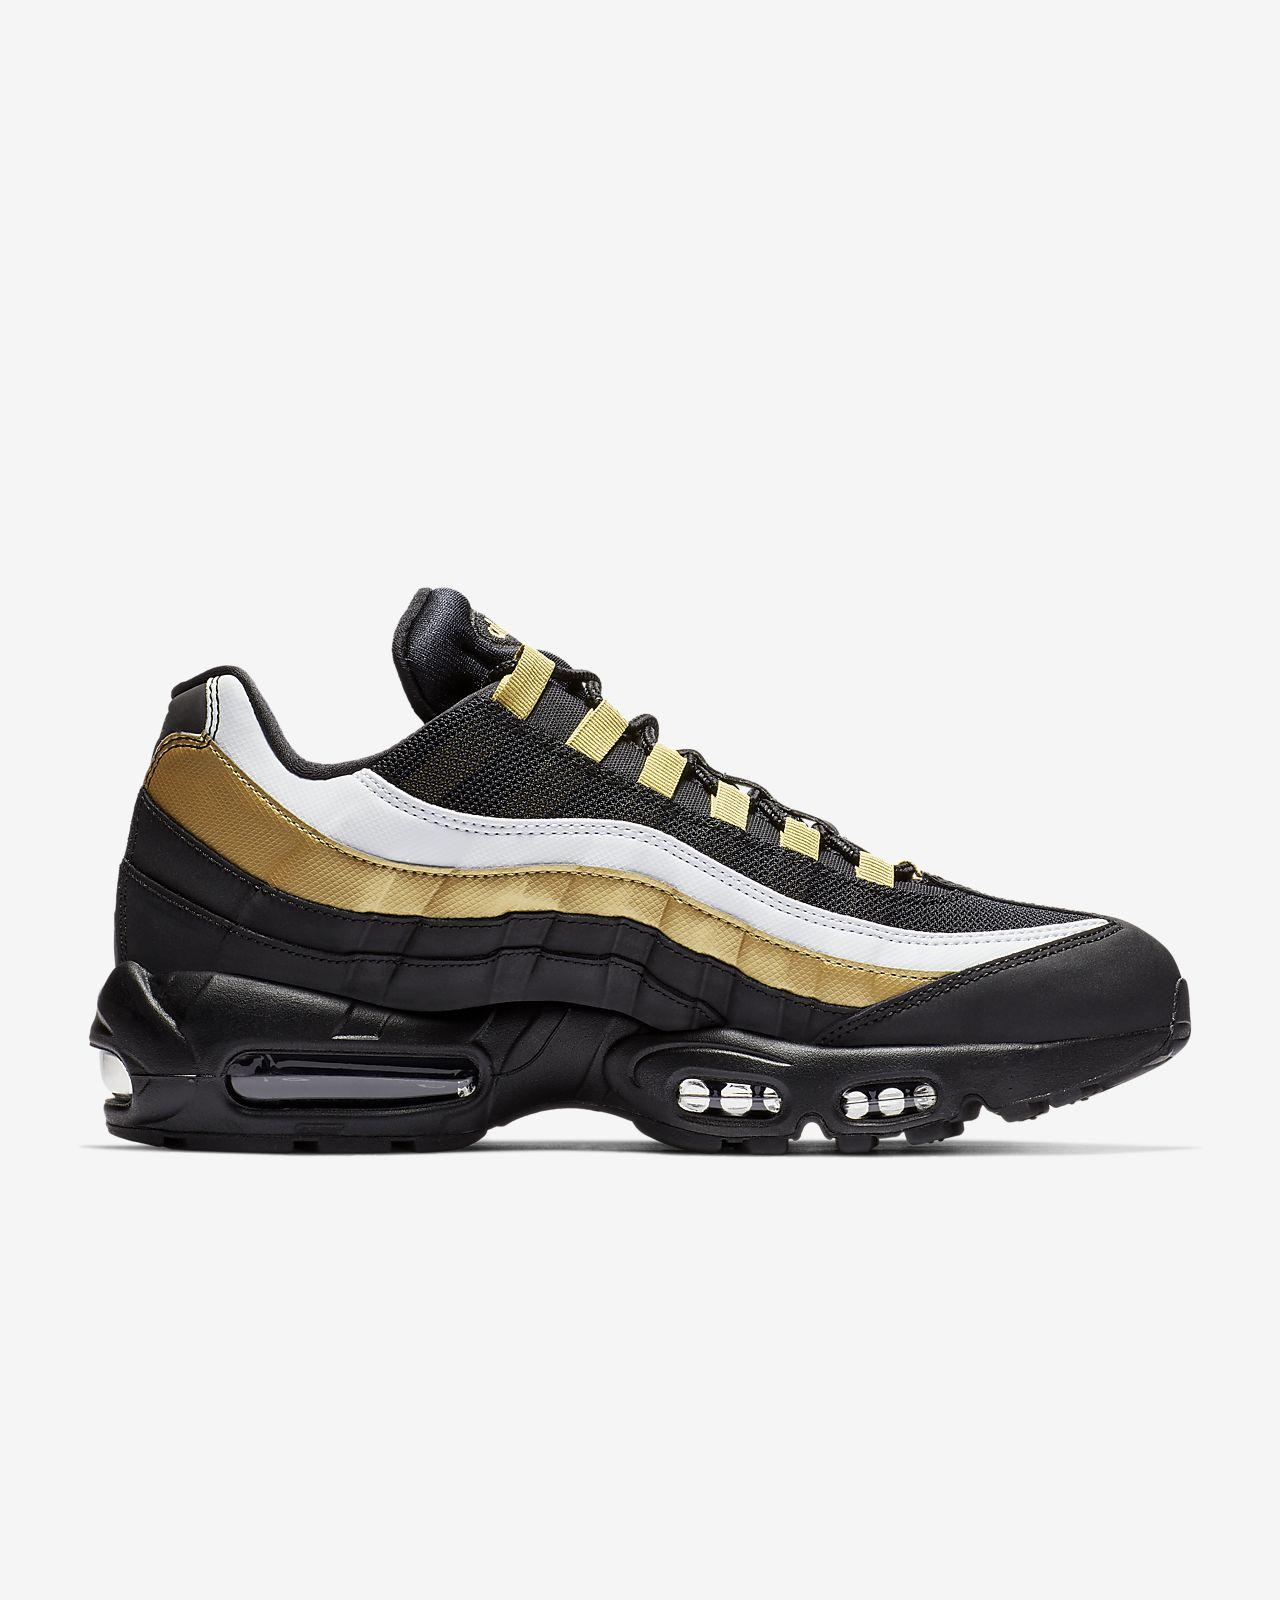 size 40 319c4 1e0d9 Nike Air Max 95 OG